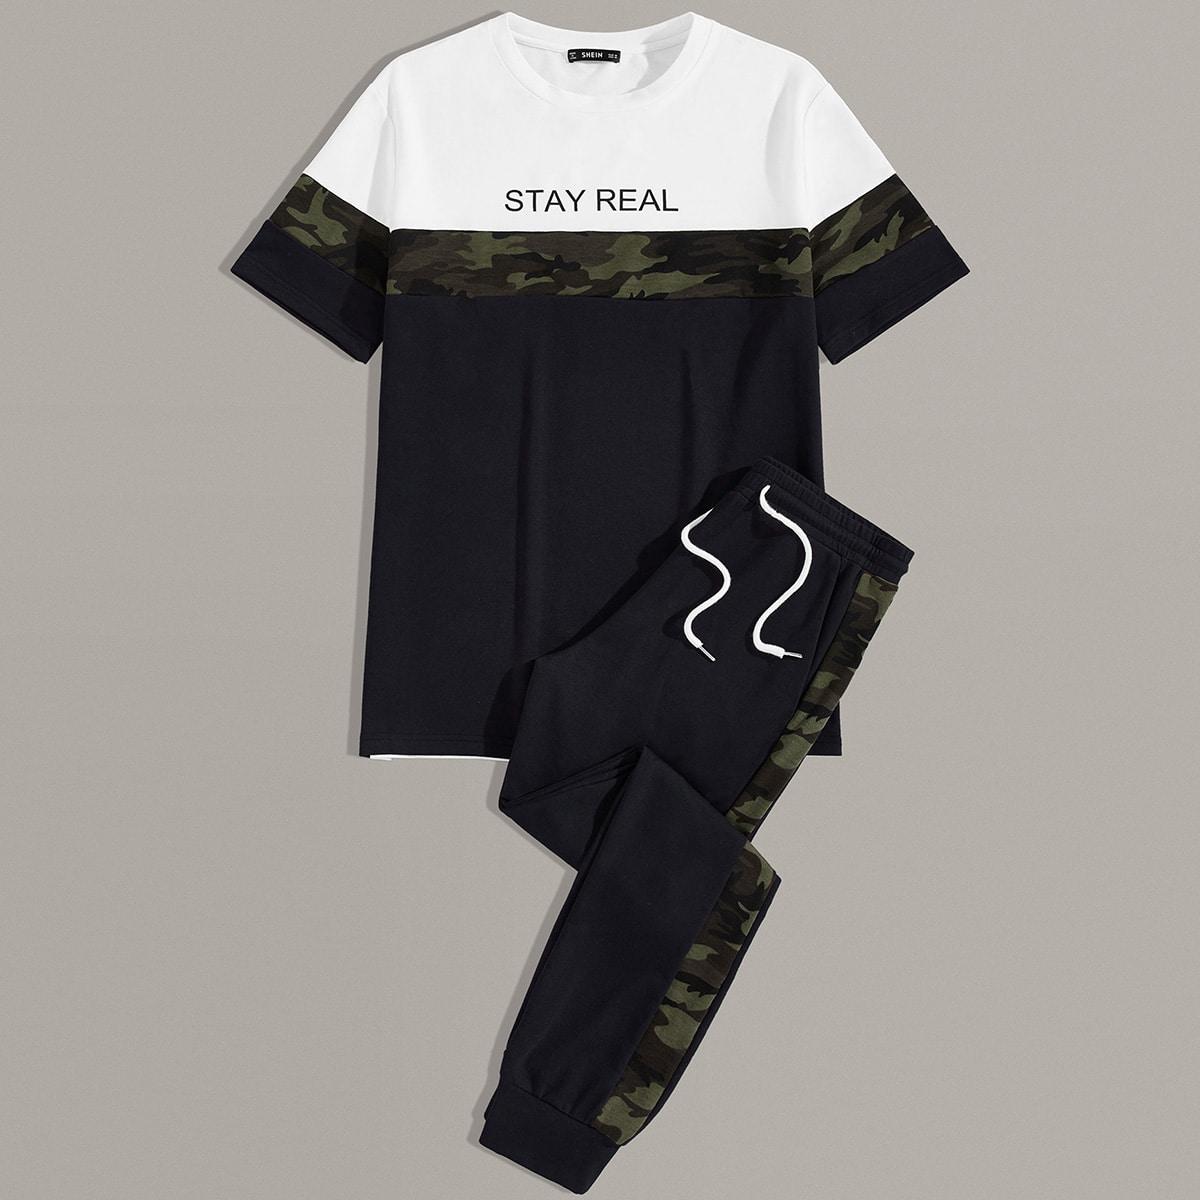 Мужские спортивные брюки и контрастная футболка с текстовым принтом от SHEIN